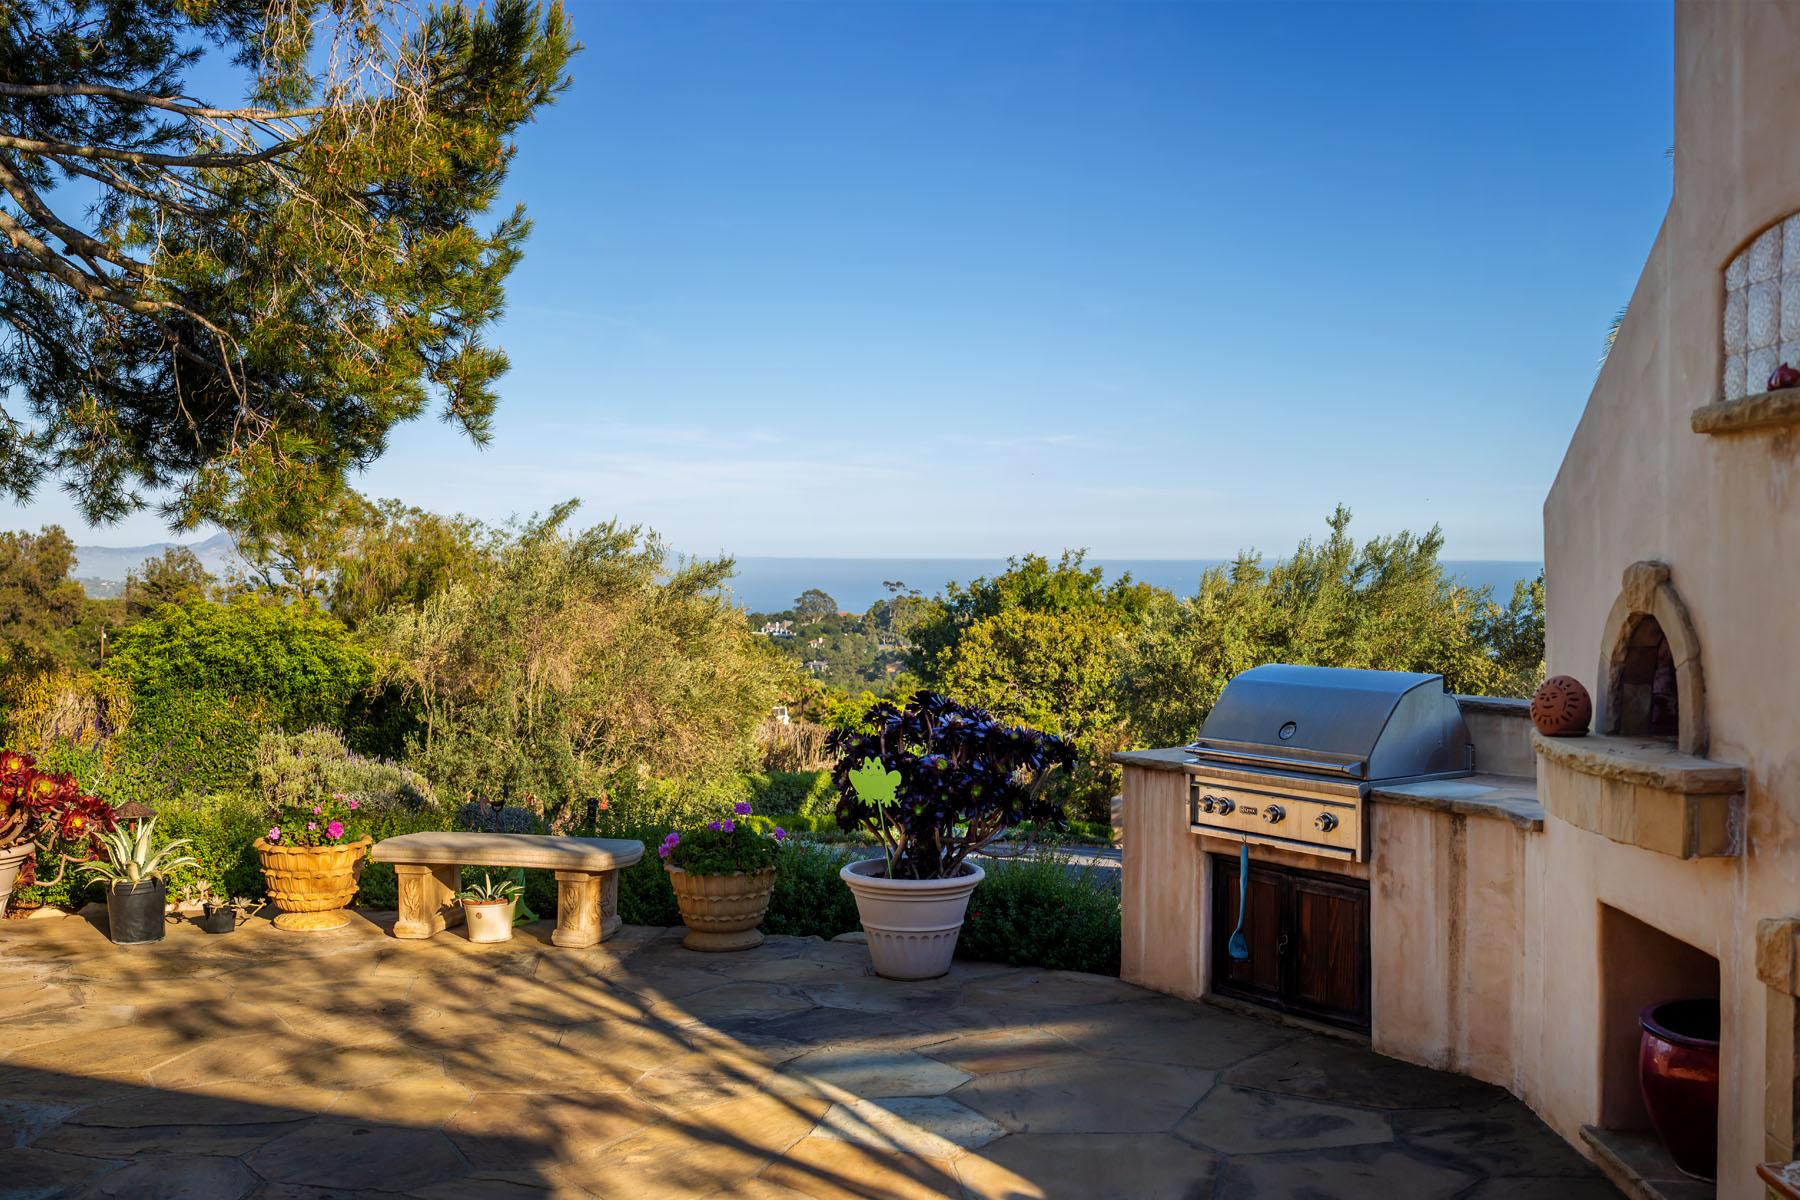 El Rancho exterior patio